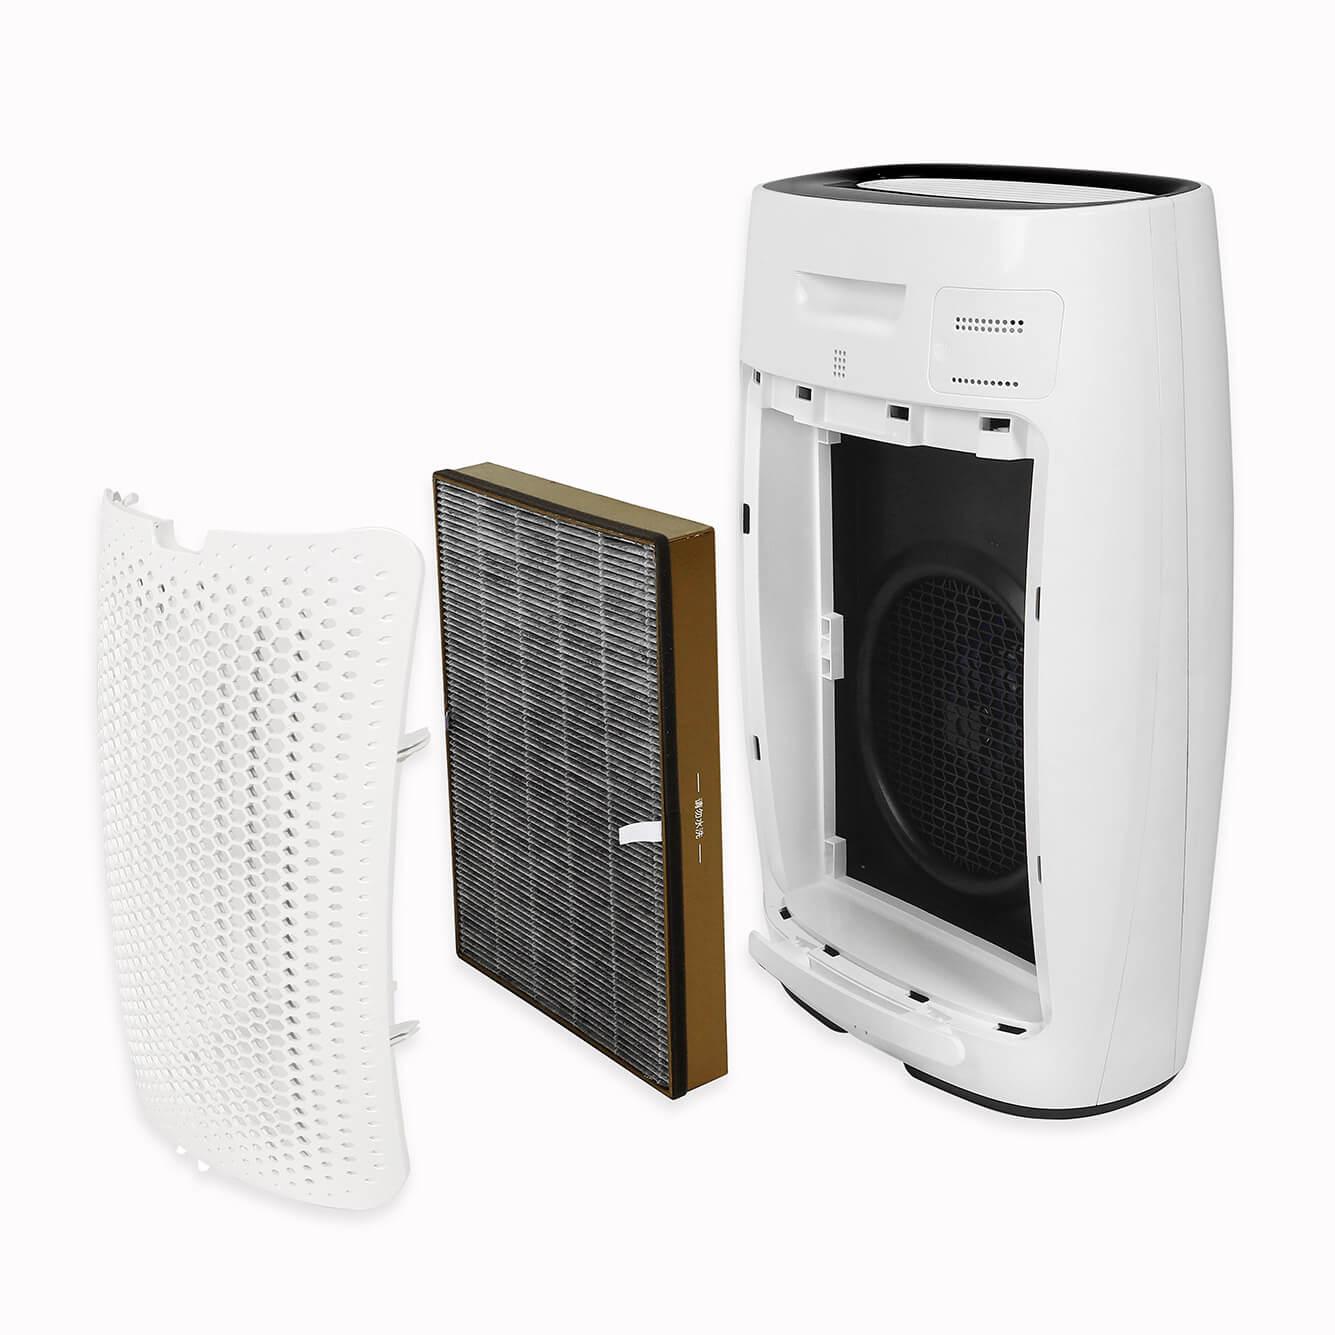 Filtry do oczyszczacza powietrza Toshiba CAF-X50XPL razem z oczyszczaczem